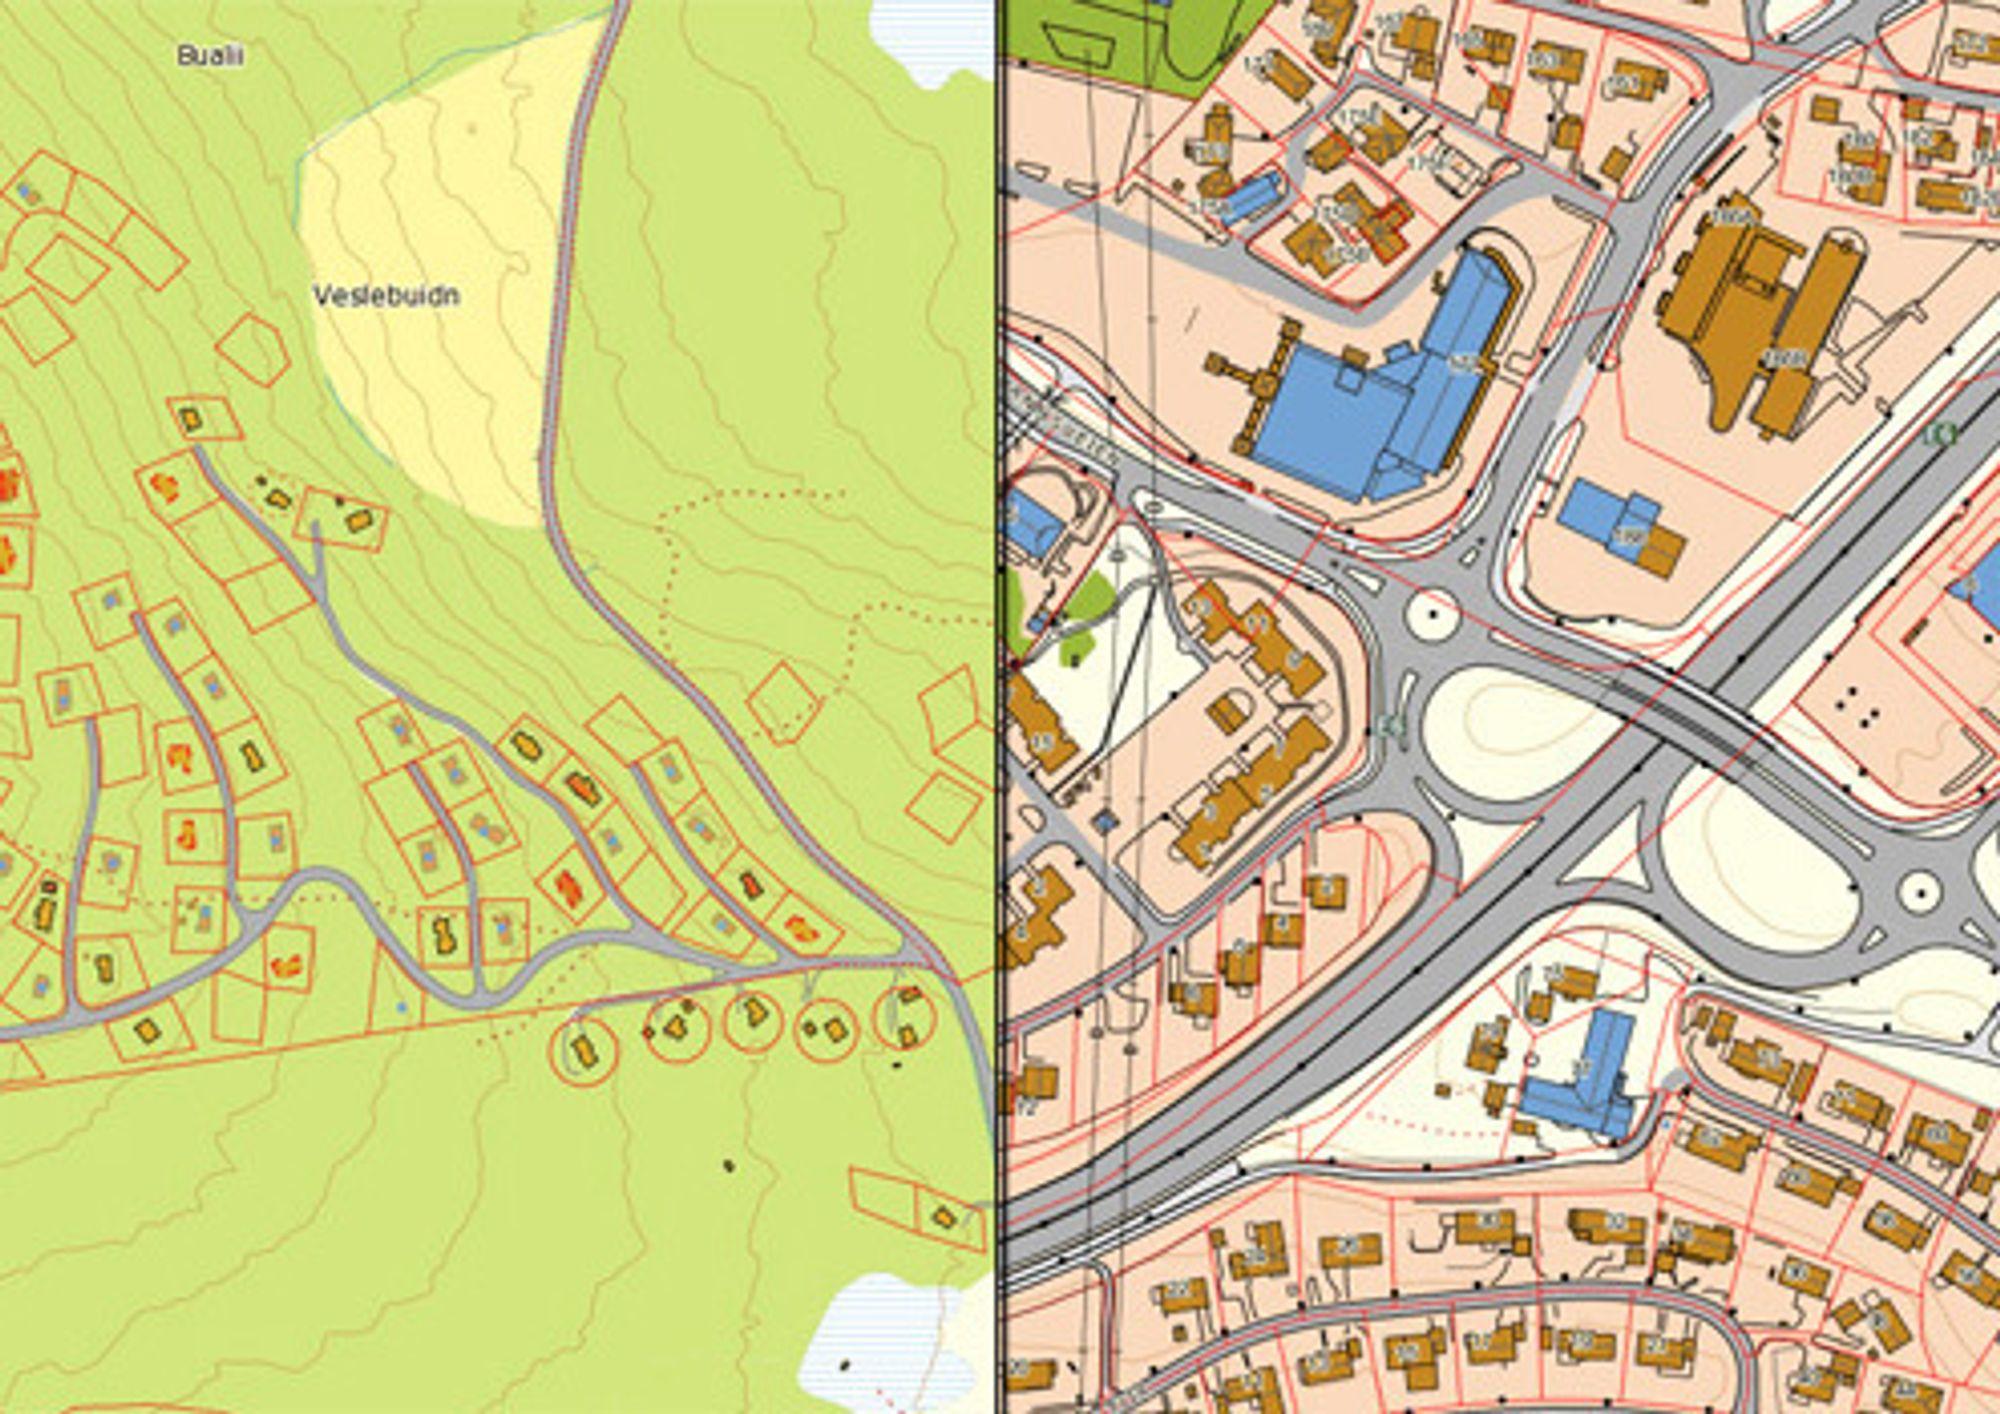 DETALJER: Kartverket lover at den nye tjenesten gir detaljerte kart, enten det gjelder en hyttegrend på Golsfjellet (til venstre) eller Trondheim.